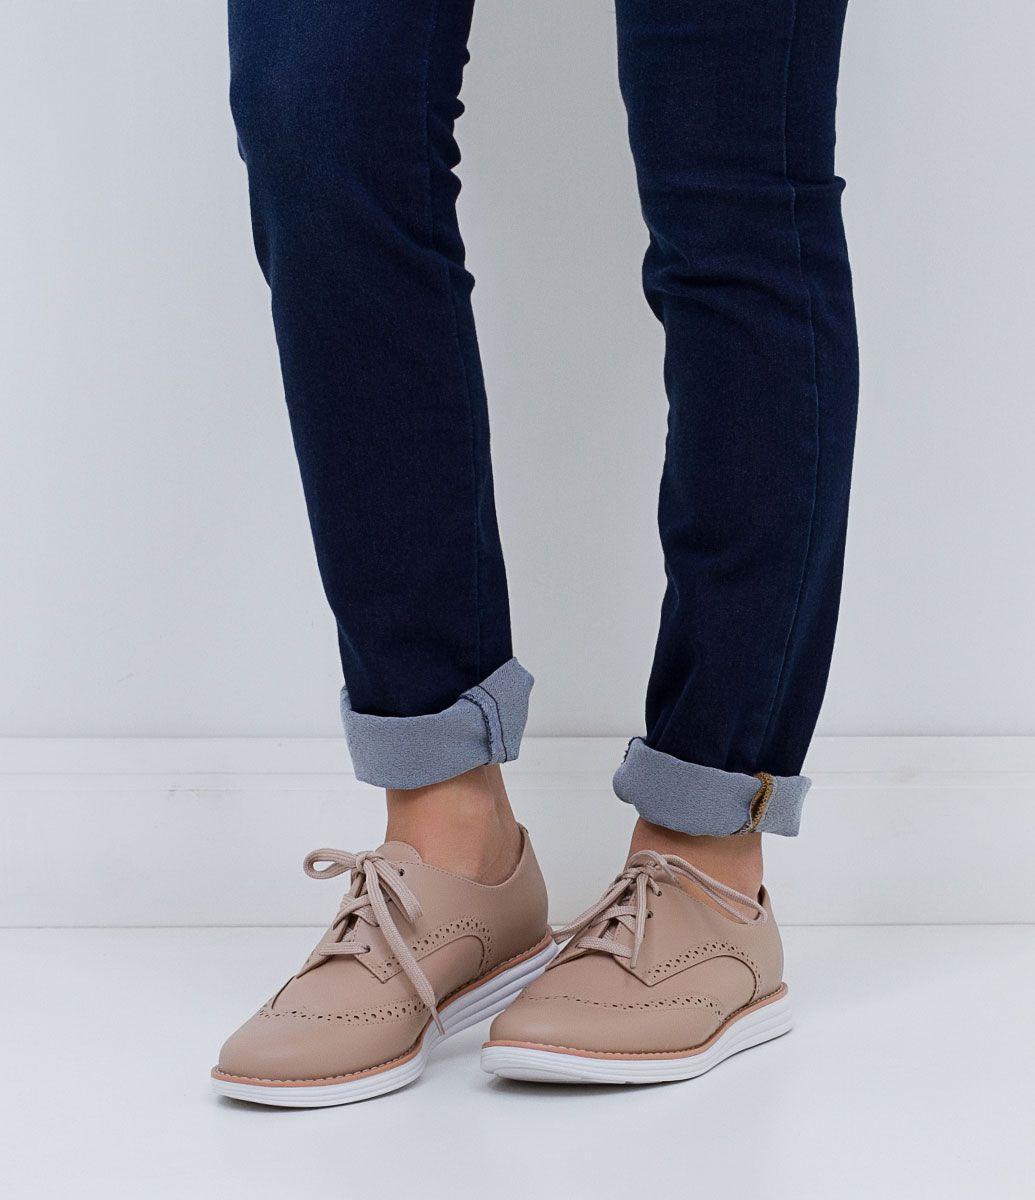 b4600c5b1 Sapato feminino Material: sintético Oxford Marca: Vizzano COLEÇÃO INVERNO  2016 Veja outras opções de sapatos femininos.